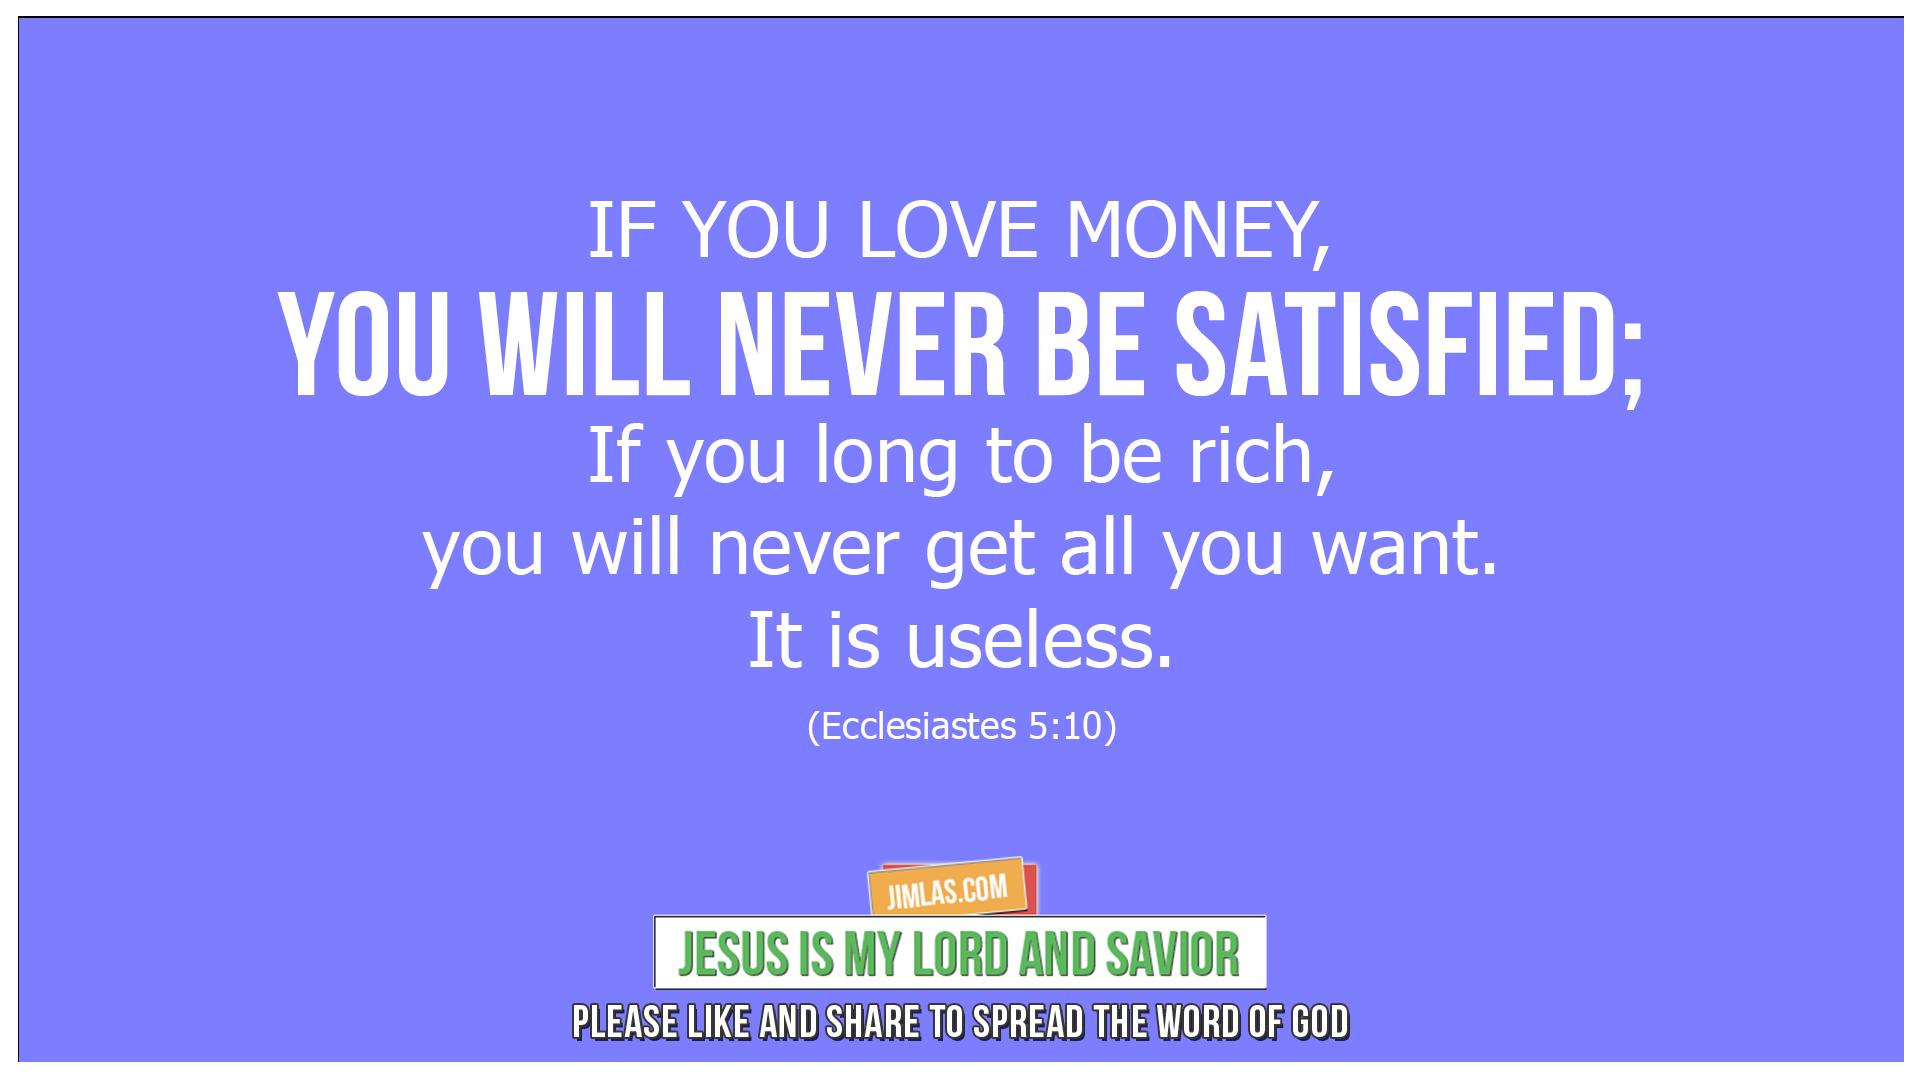 ecclesiastes 5 10, Ecclesiastes 5:10